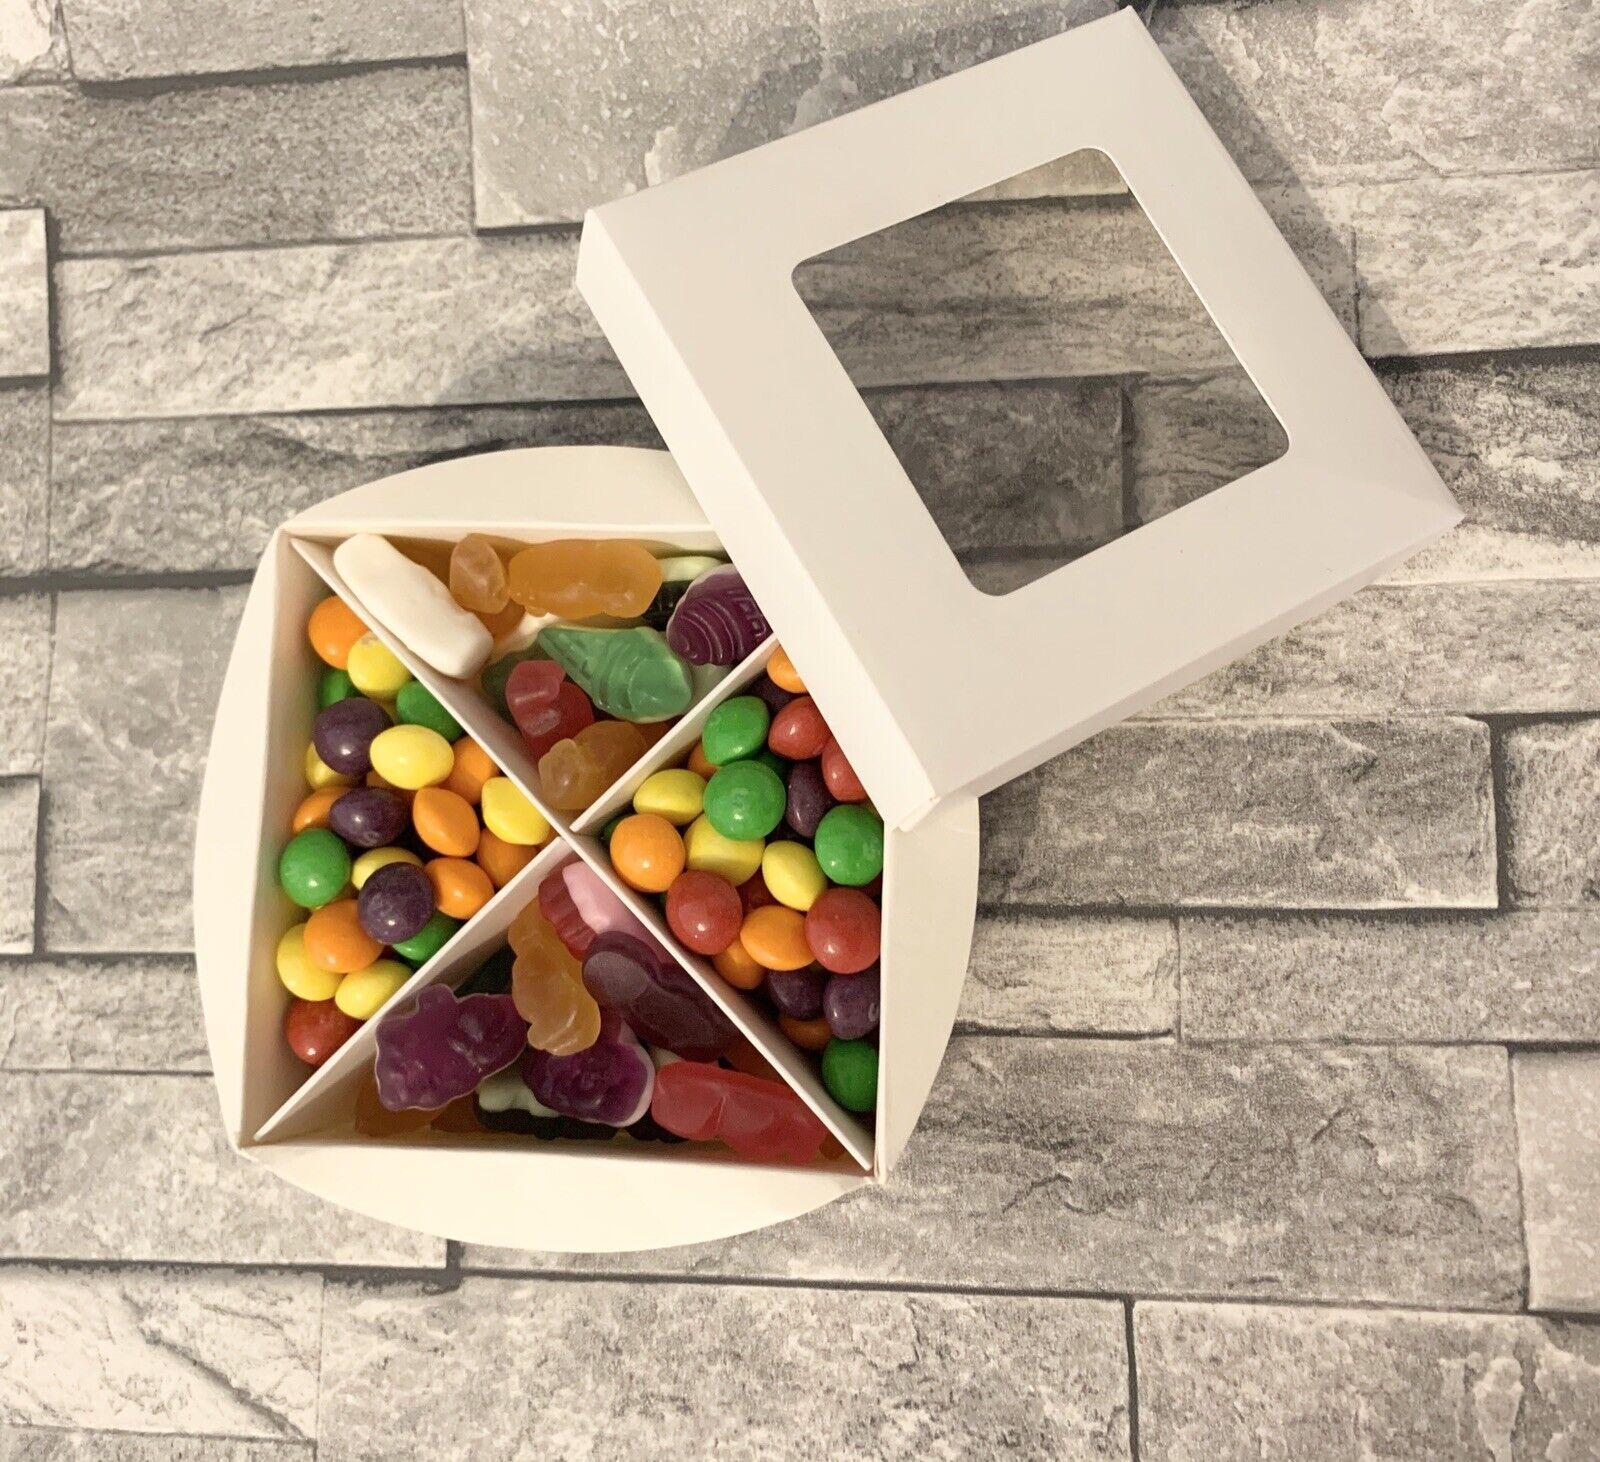 1 X Blanco Mini Caja Vacía dulce con inserciones de cera se derrite y ventana Regalos Favores